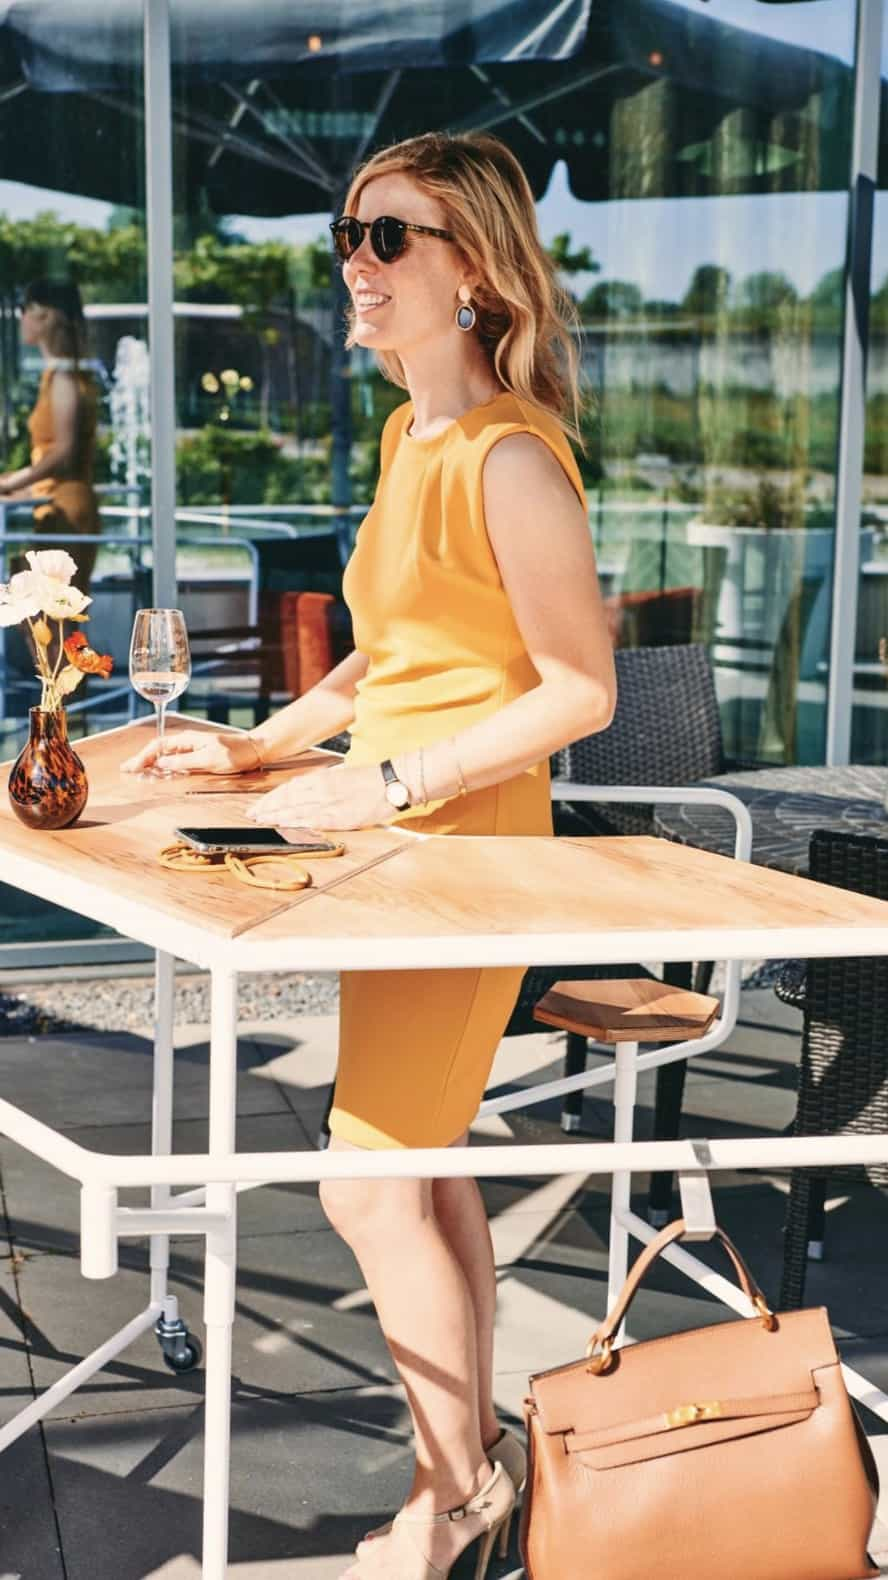 IINII - tafel - events - coronaproof - anderhalve meter - vergaderen - borrel